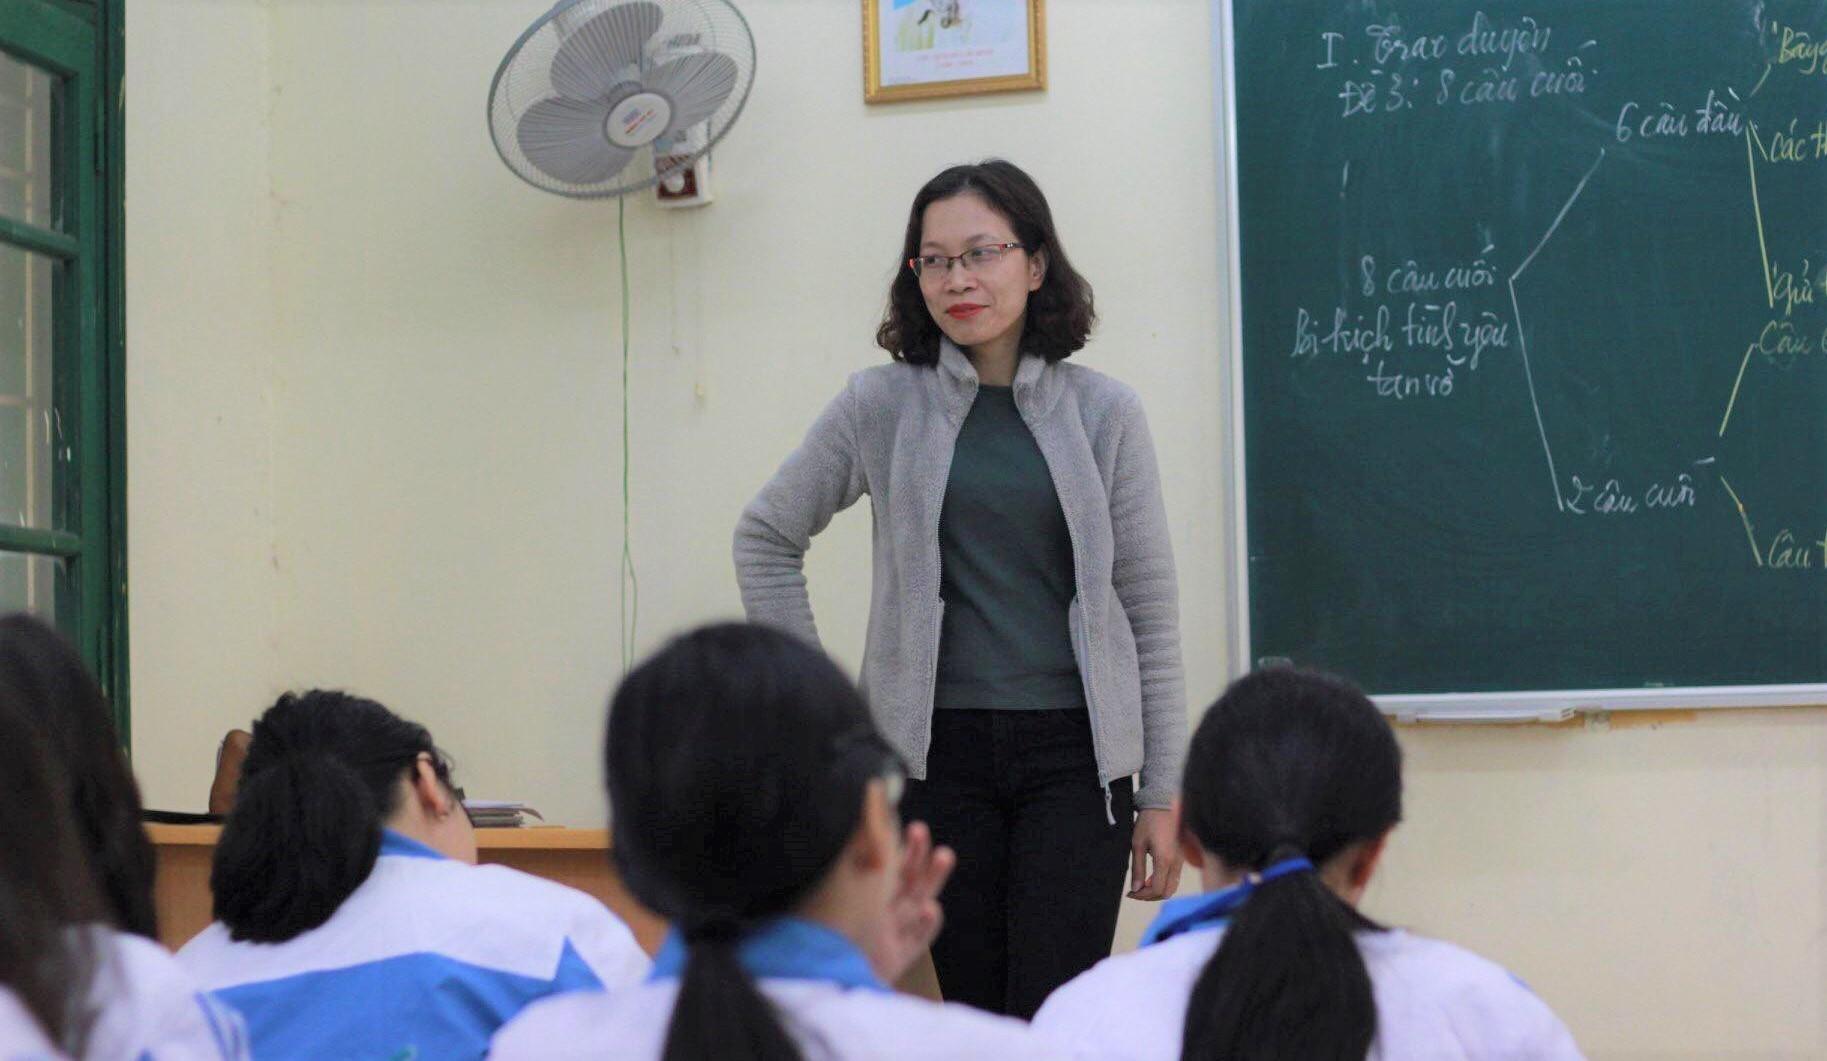 Sao cứ bắt giáo viên chúng tôi phải như thánh?-1